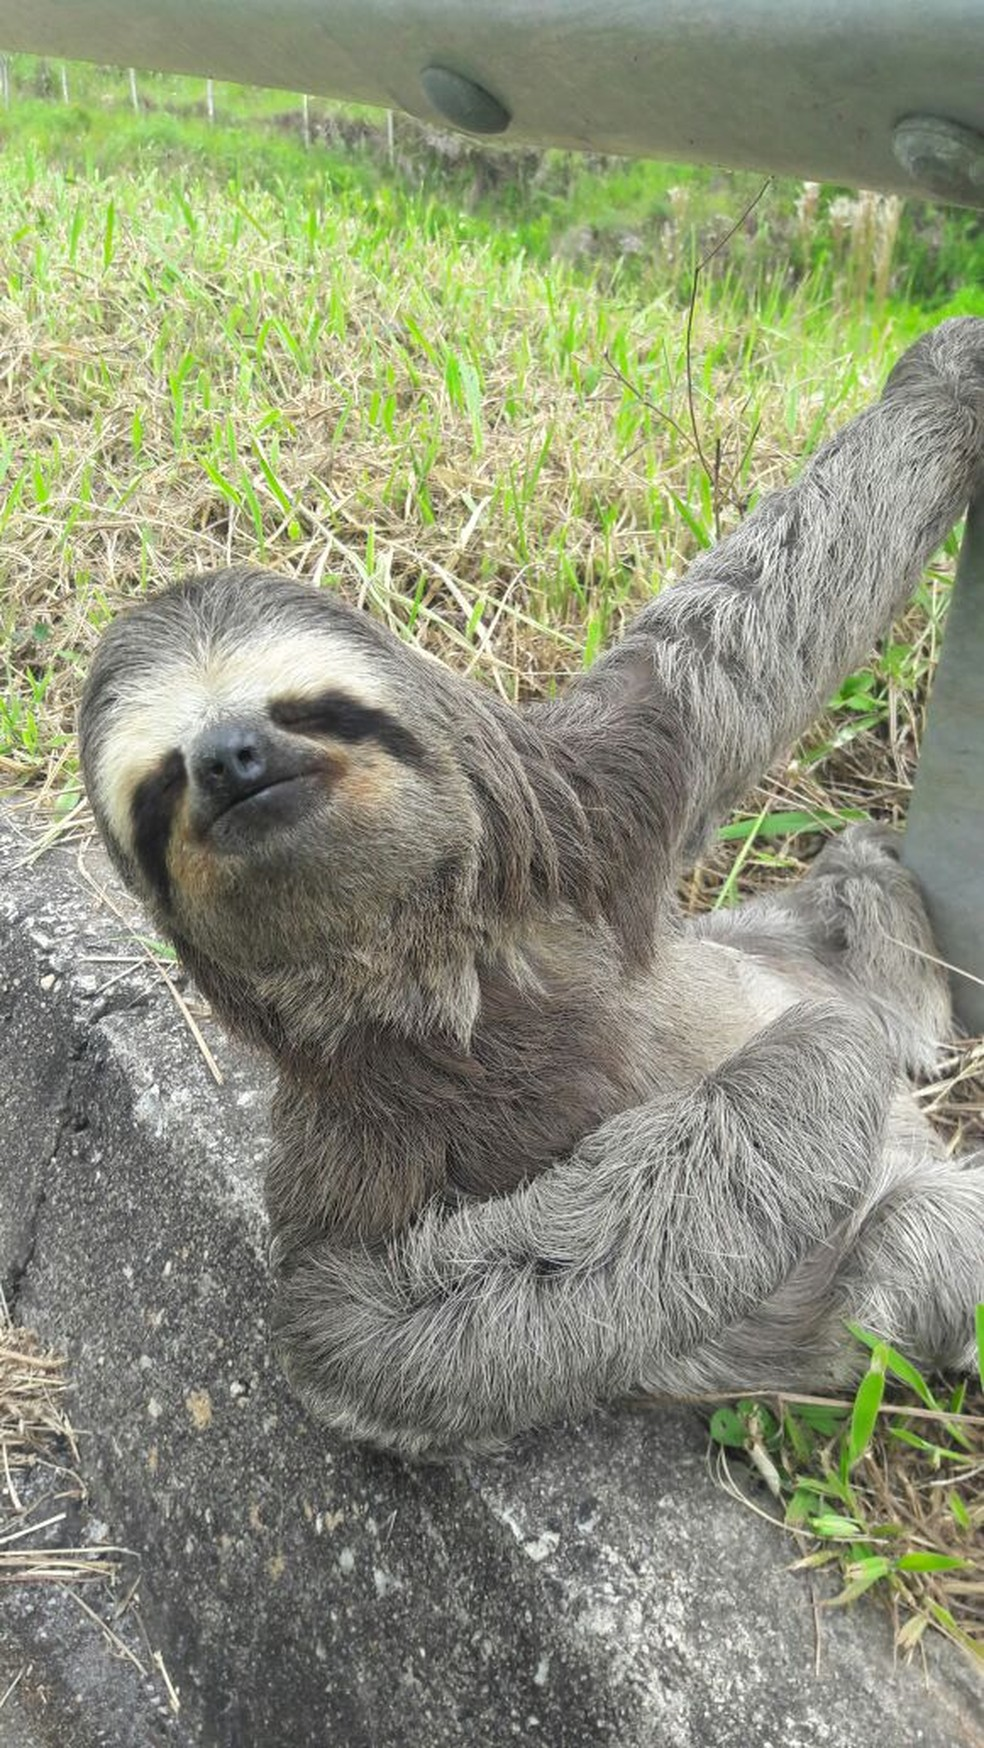 Animal foi encontrado ao tentar atravessar a pista da rodovia (Foto: Divulgação/ Rota das Bandeiras)